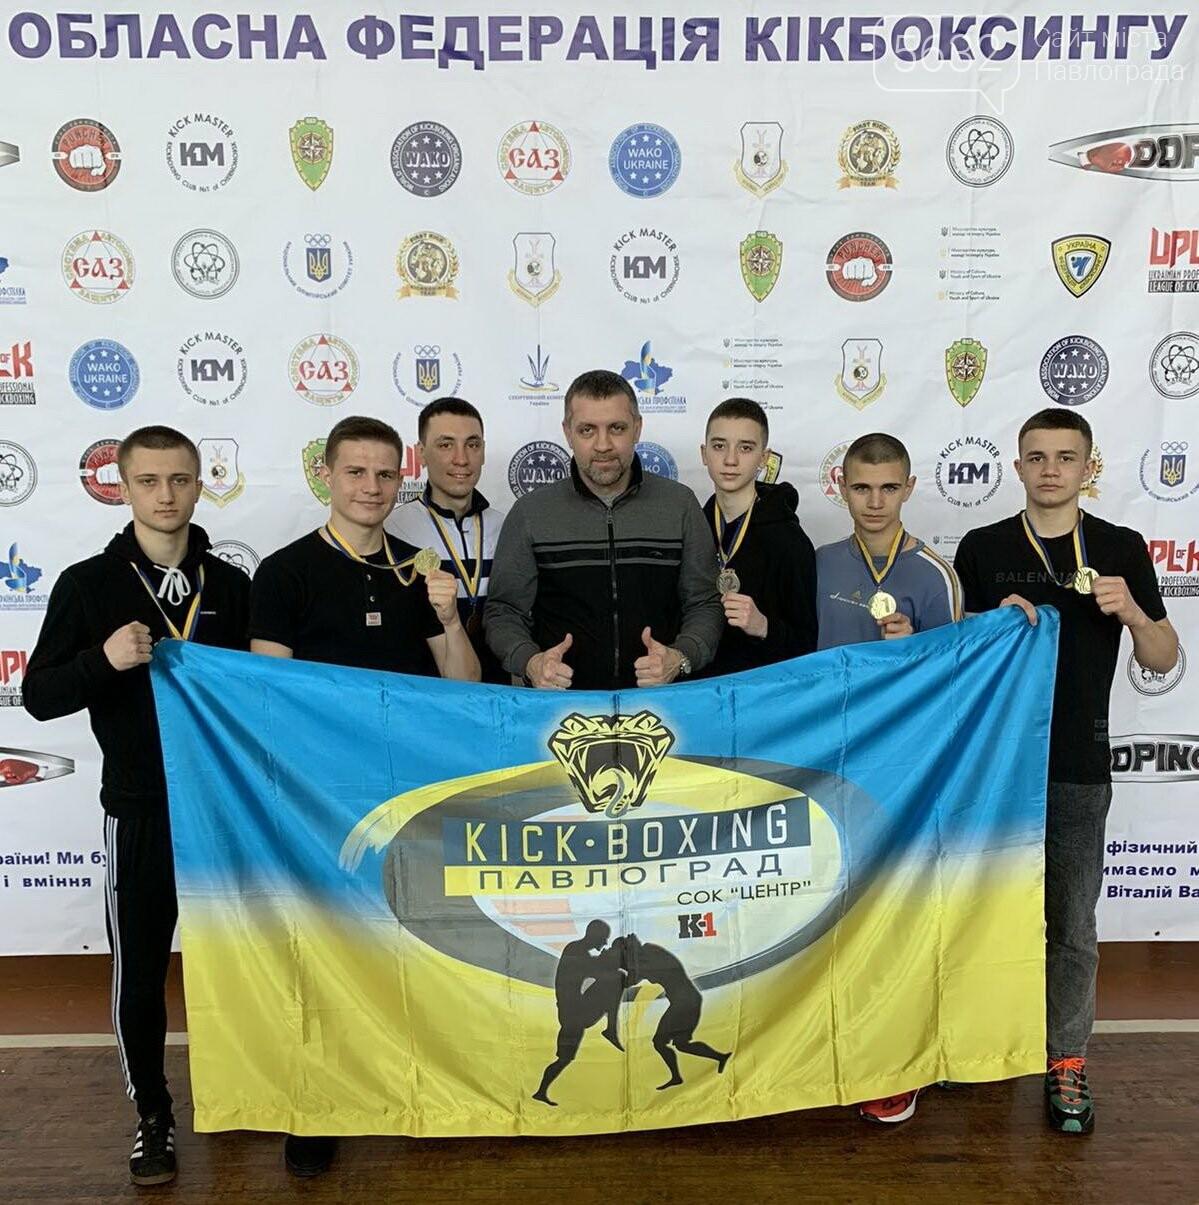 Павлоградские кикбоксеры победили в престижных соревнованиях, фото-1